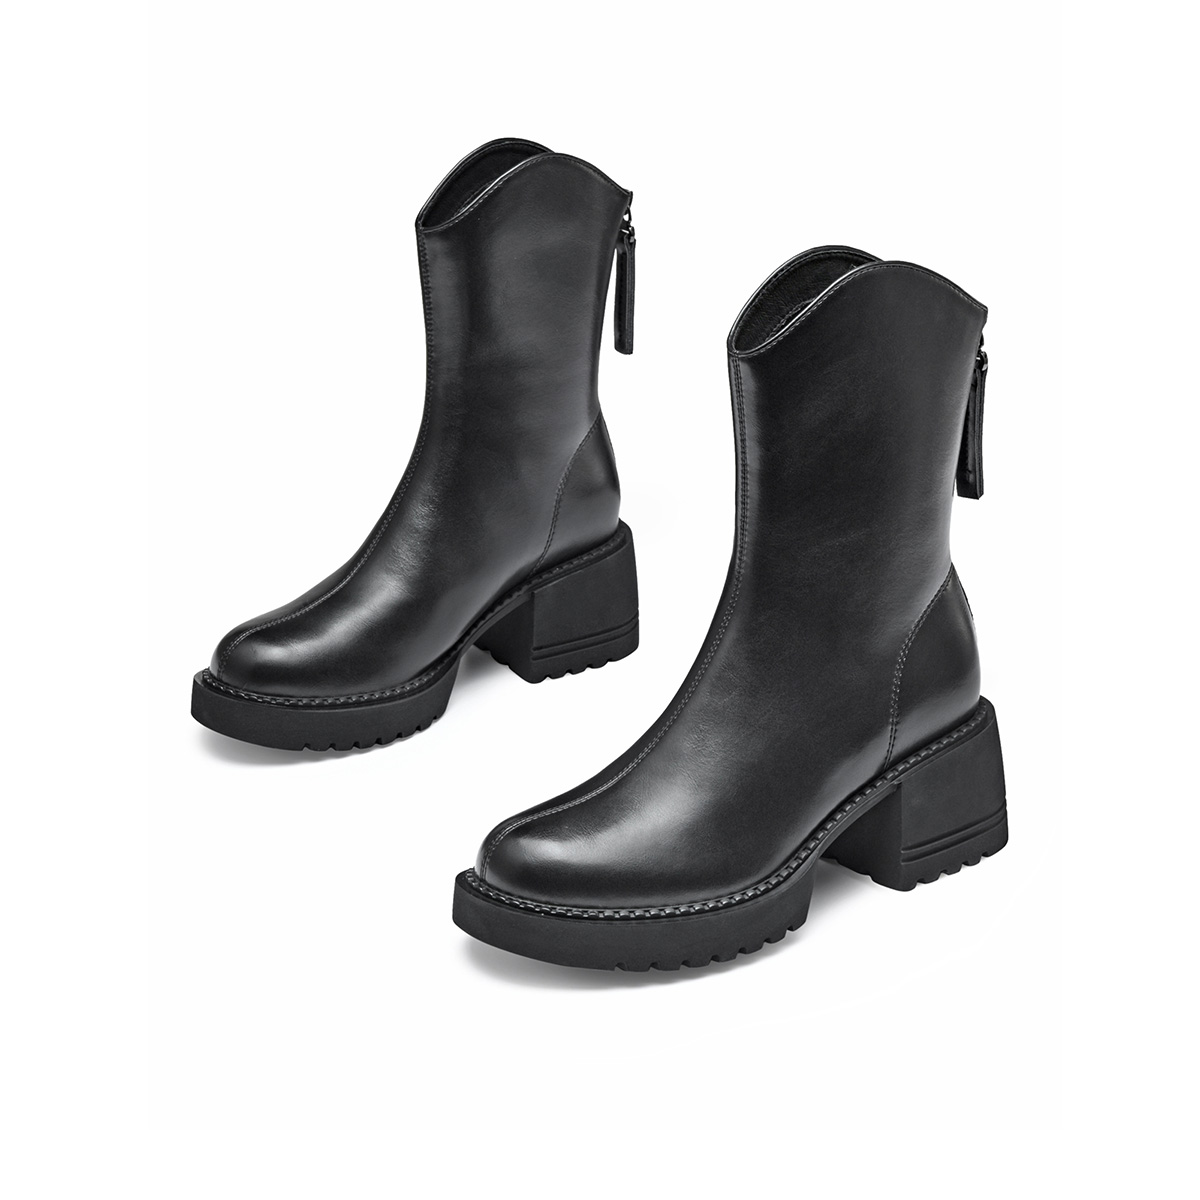 【时装靴】2021秋冬新款马丁靴拉链厚底商务通勤款女靴子